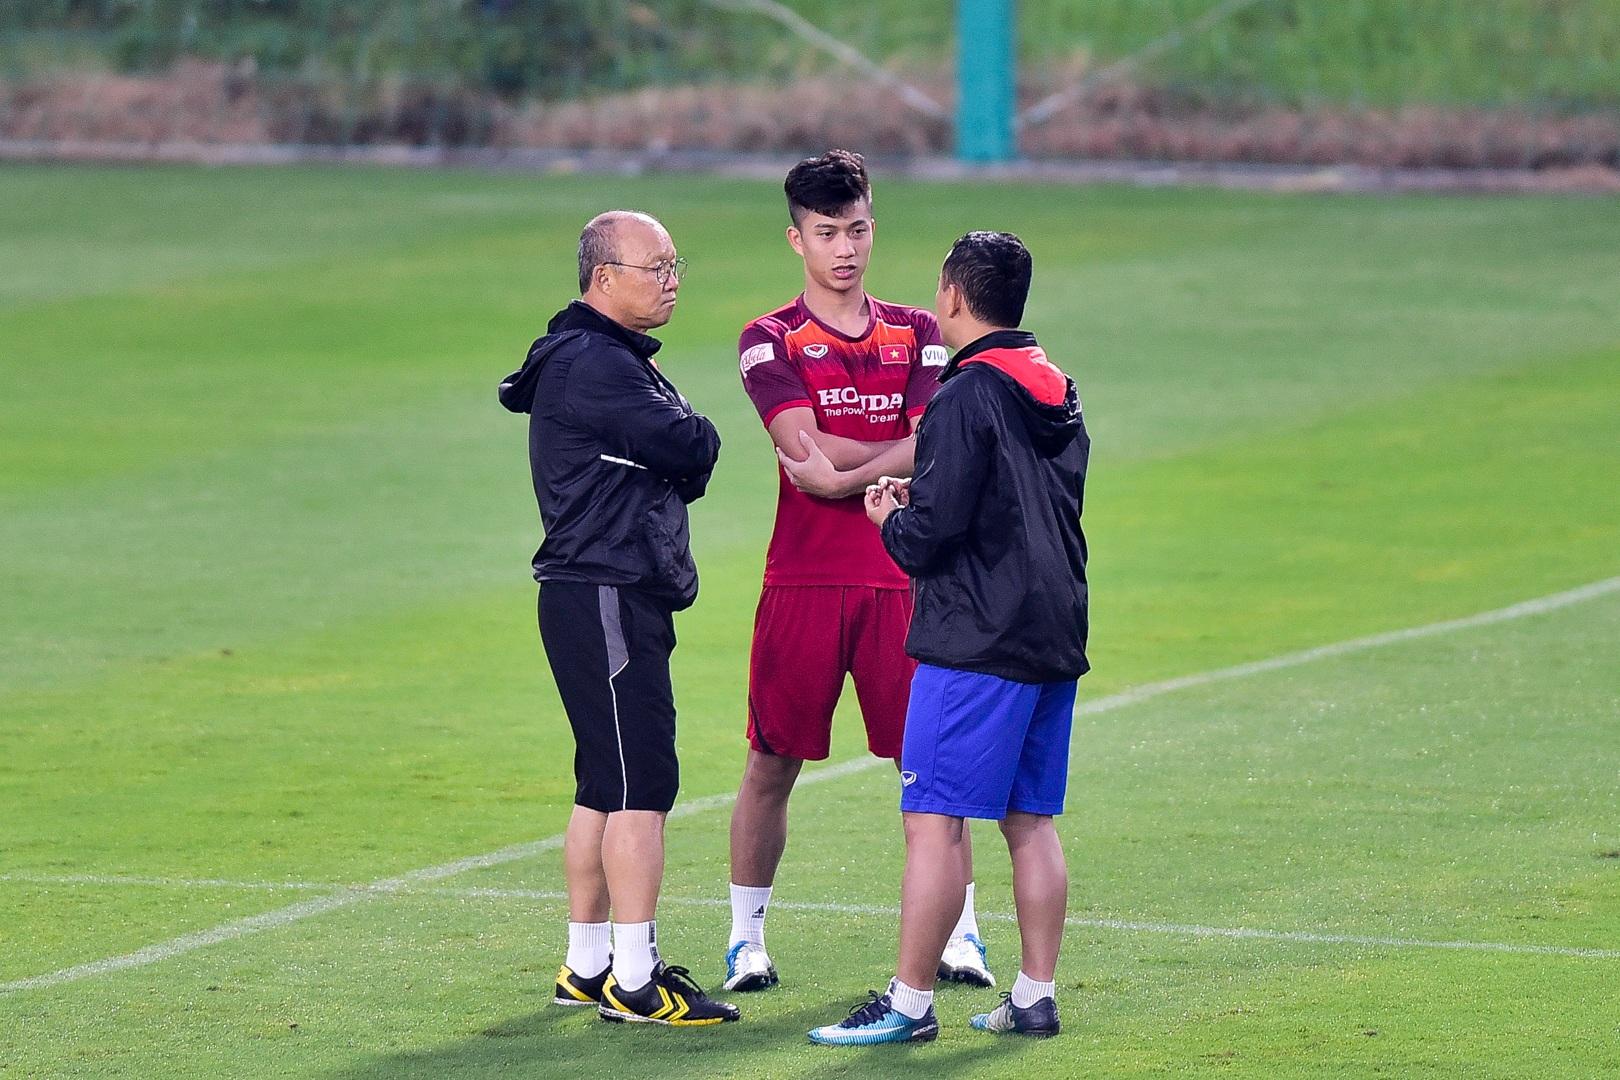 HLV Park Hang Seo hỏi thăm Quang Hải, tự tay kiểm tra vết thương Thành Chung - 19